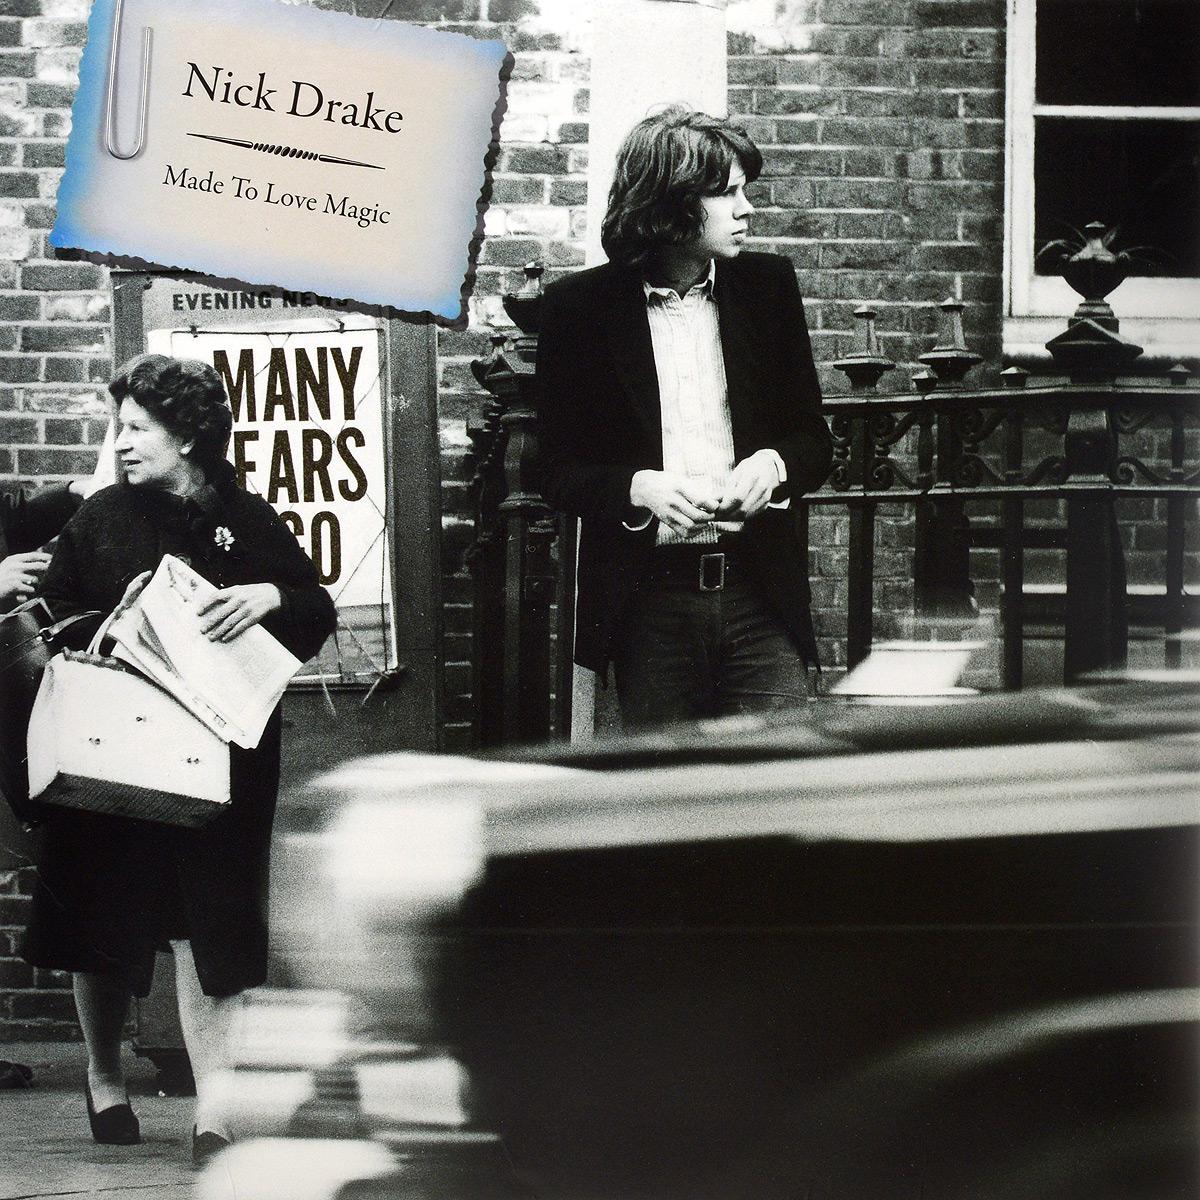 Ник Дрейк Nick Drake. Made To Love Magic (LP) nick drake nick drake bryter layter